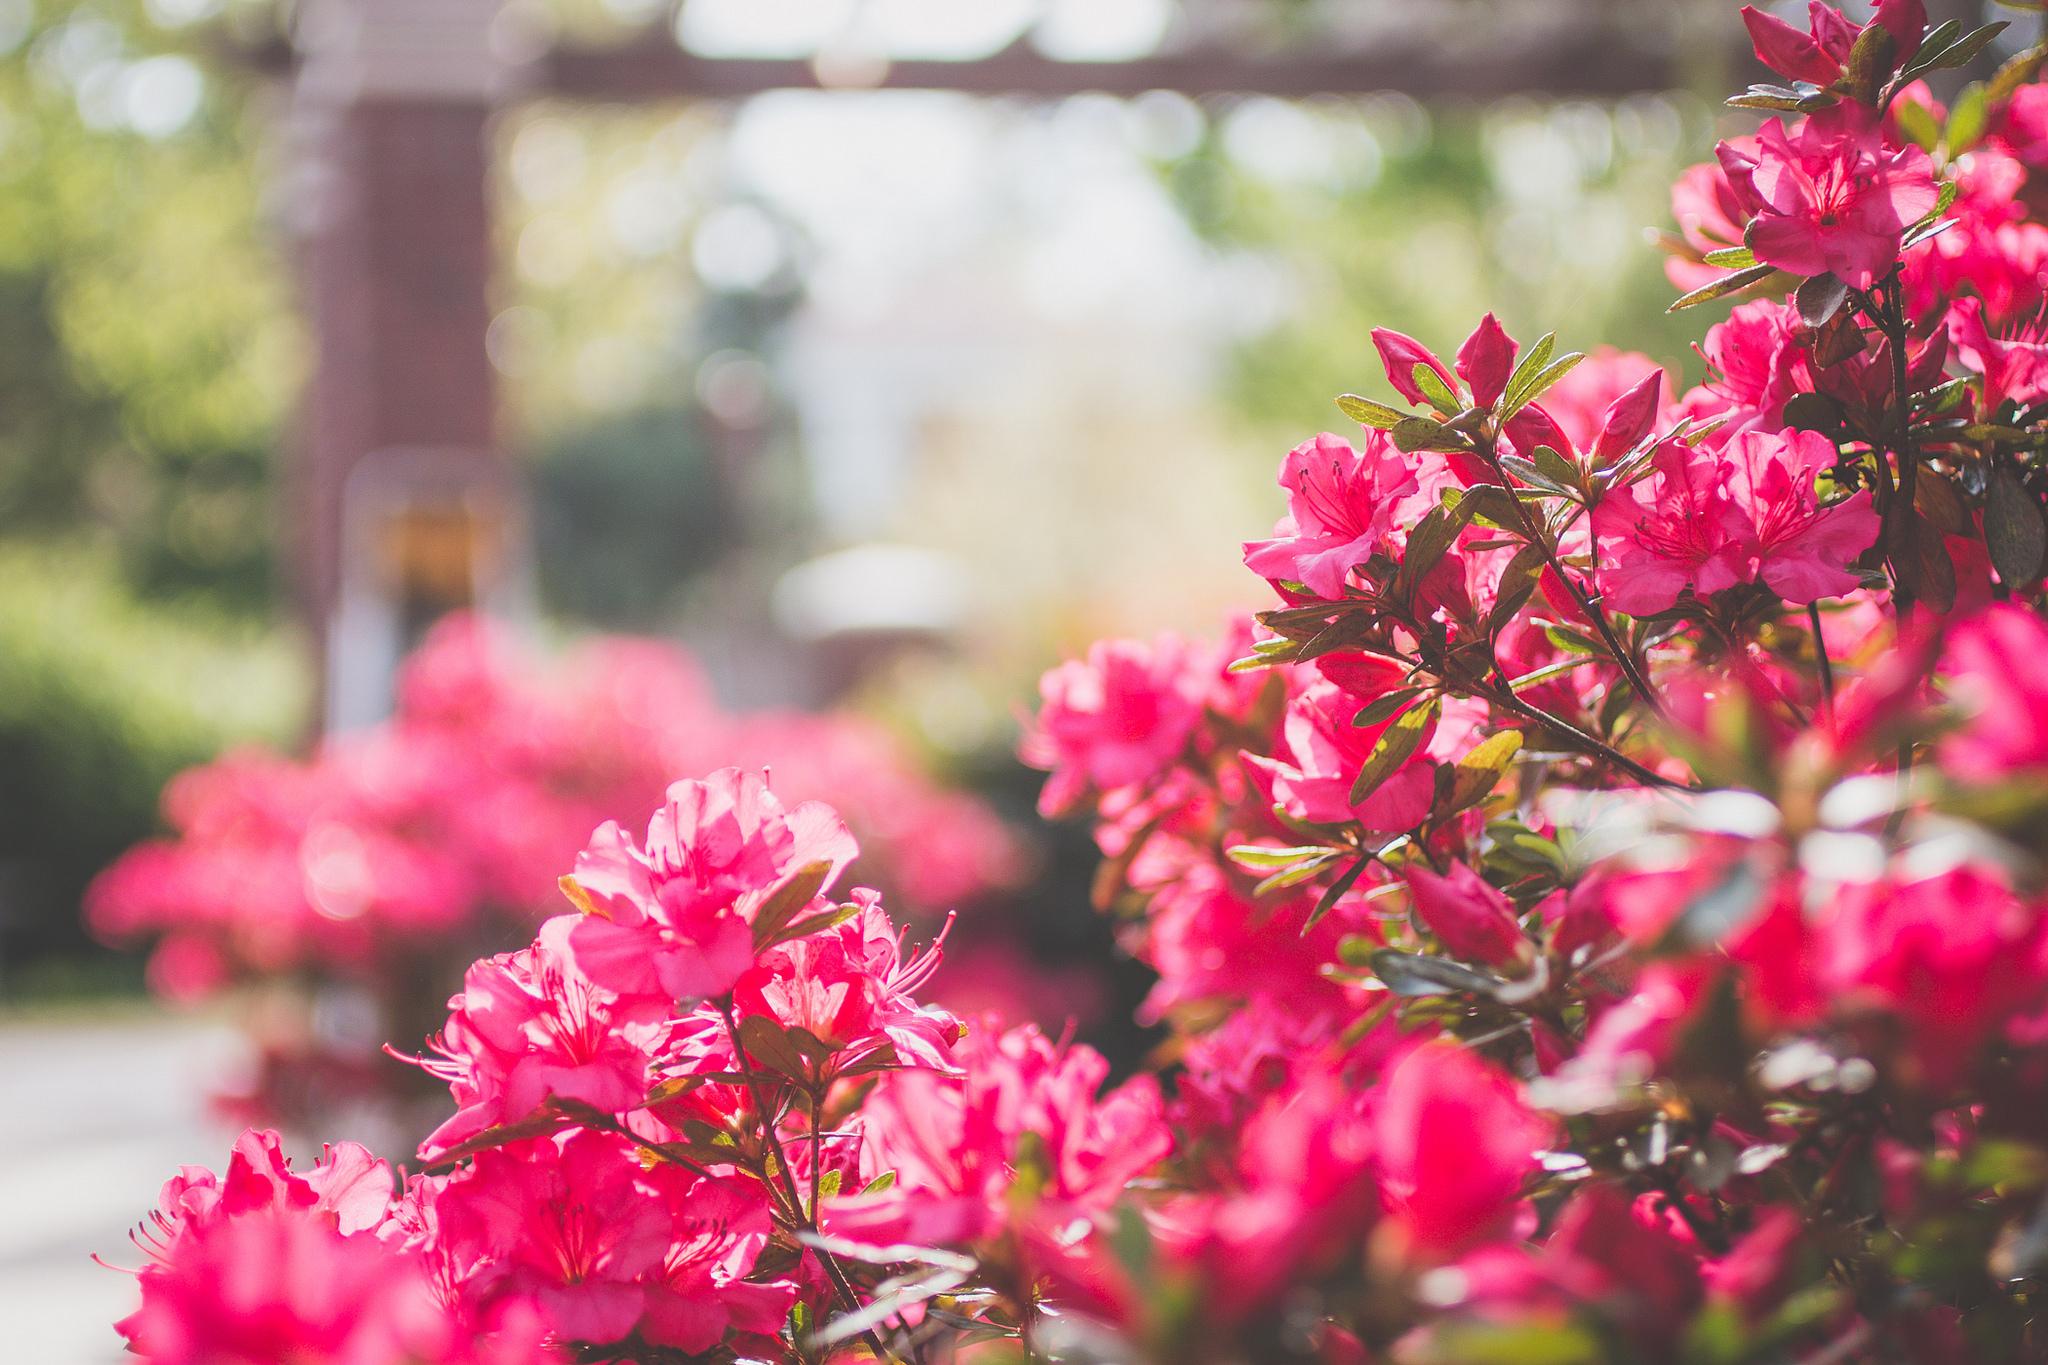 Кустик с розовыми цветами